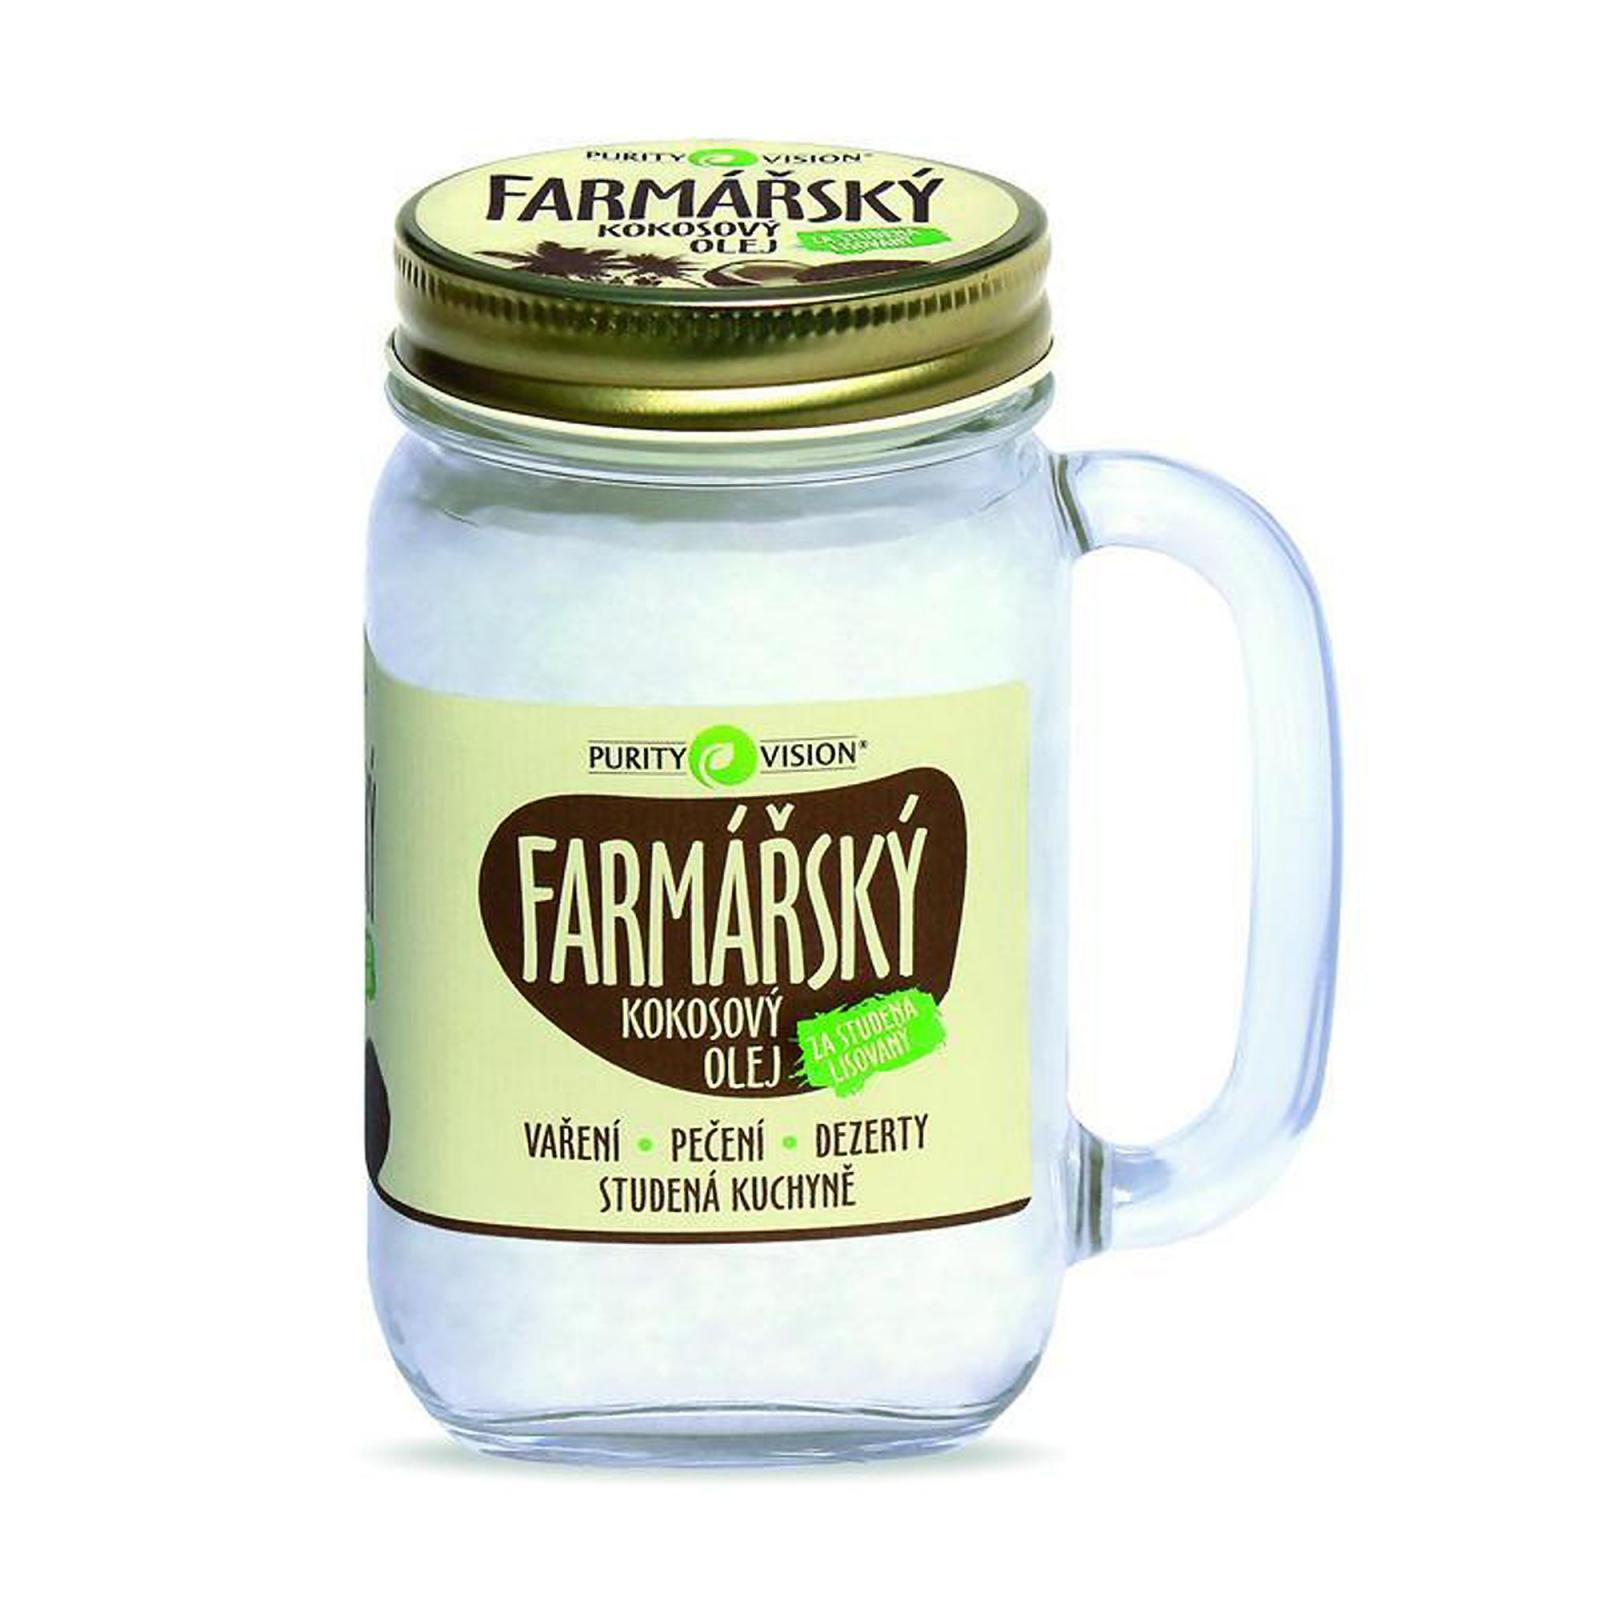 Purity Vision Kokosový olej farmářský ve skle 400 ml